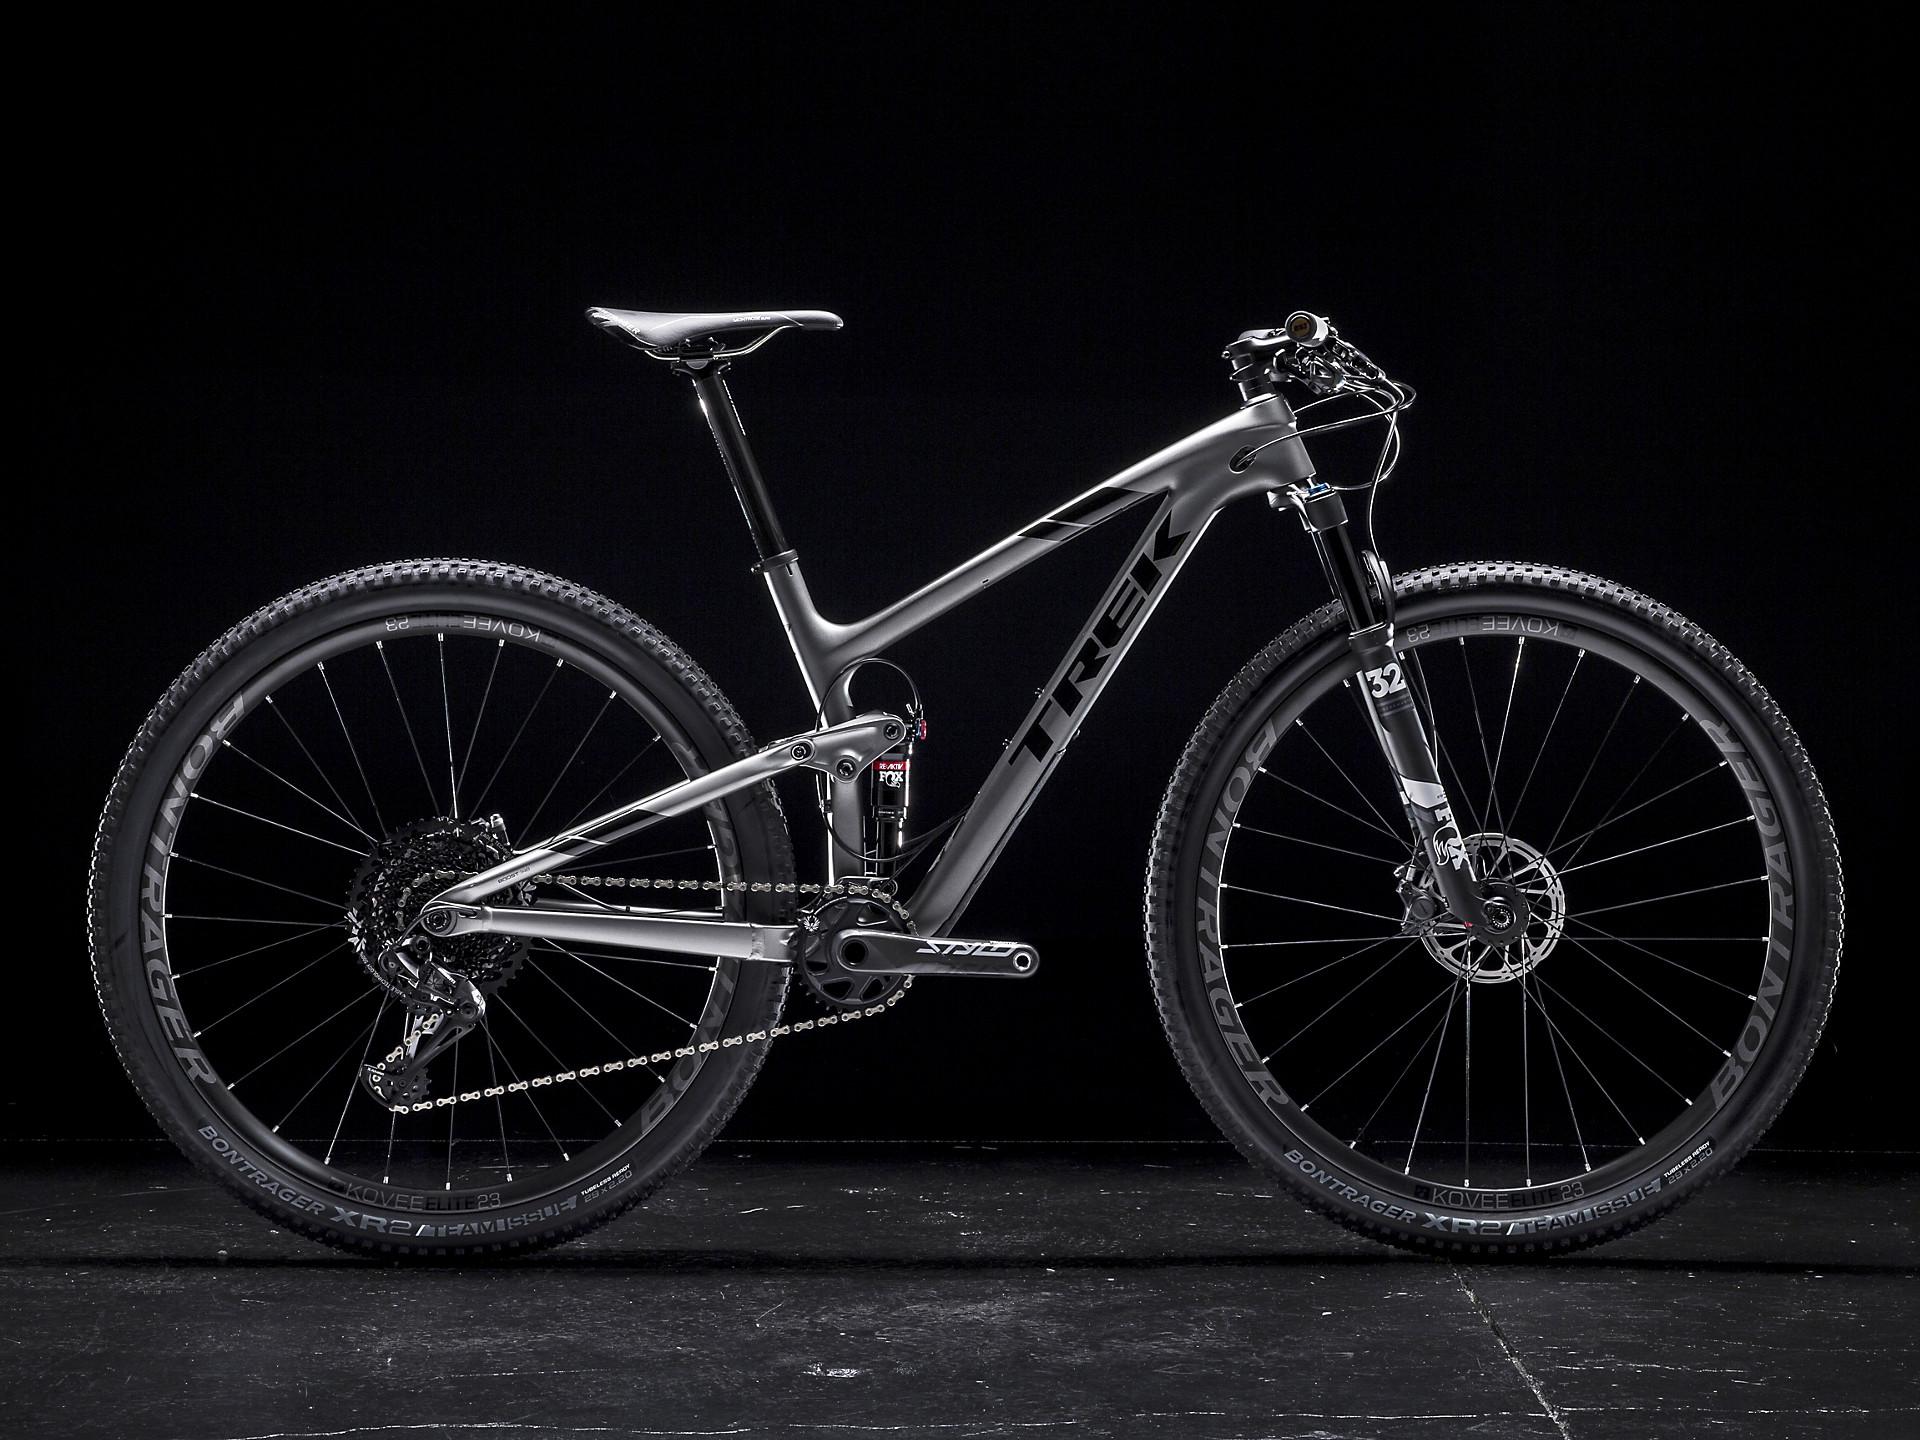 78f79b370a1 Top Fuel 9.8 SL | Trek Bikes (ZA)